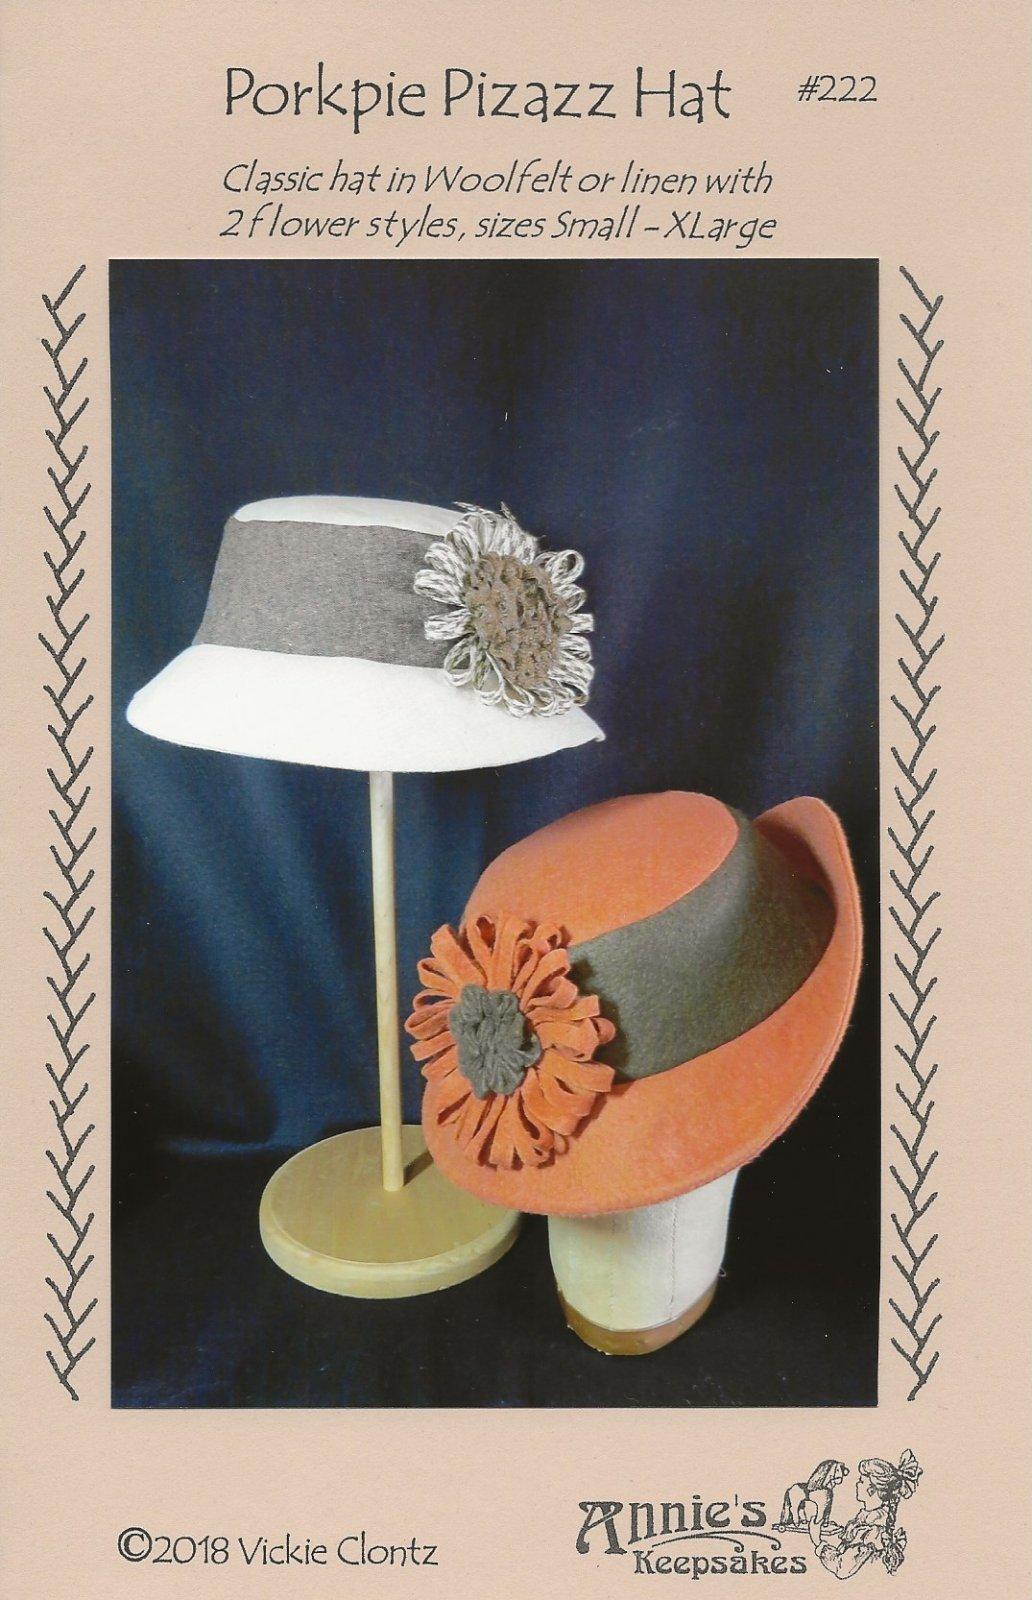 Porkpie Pizazz Hat